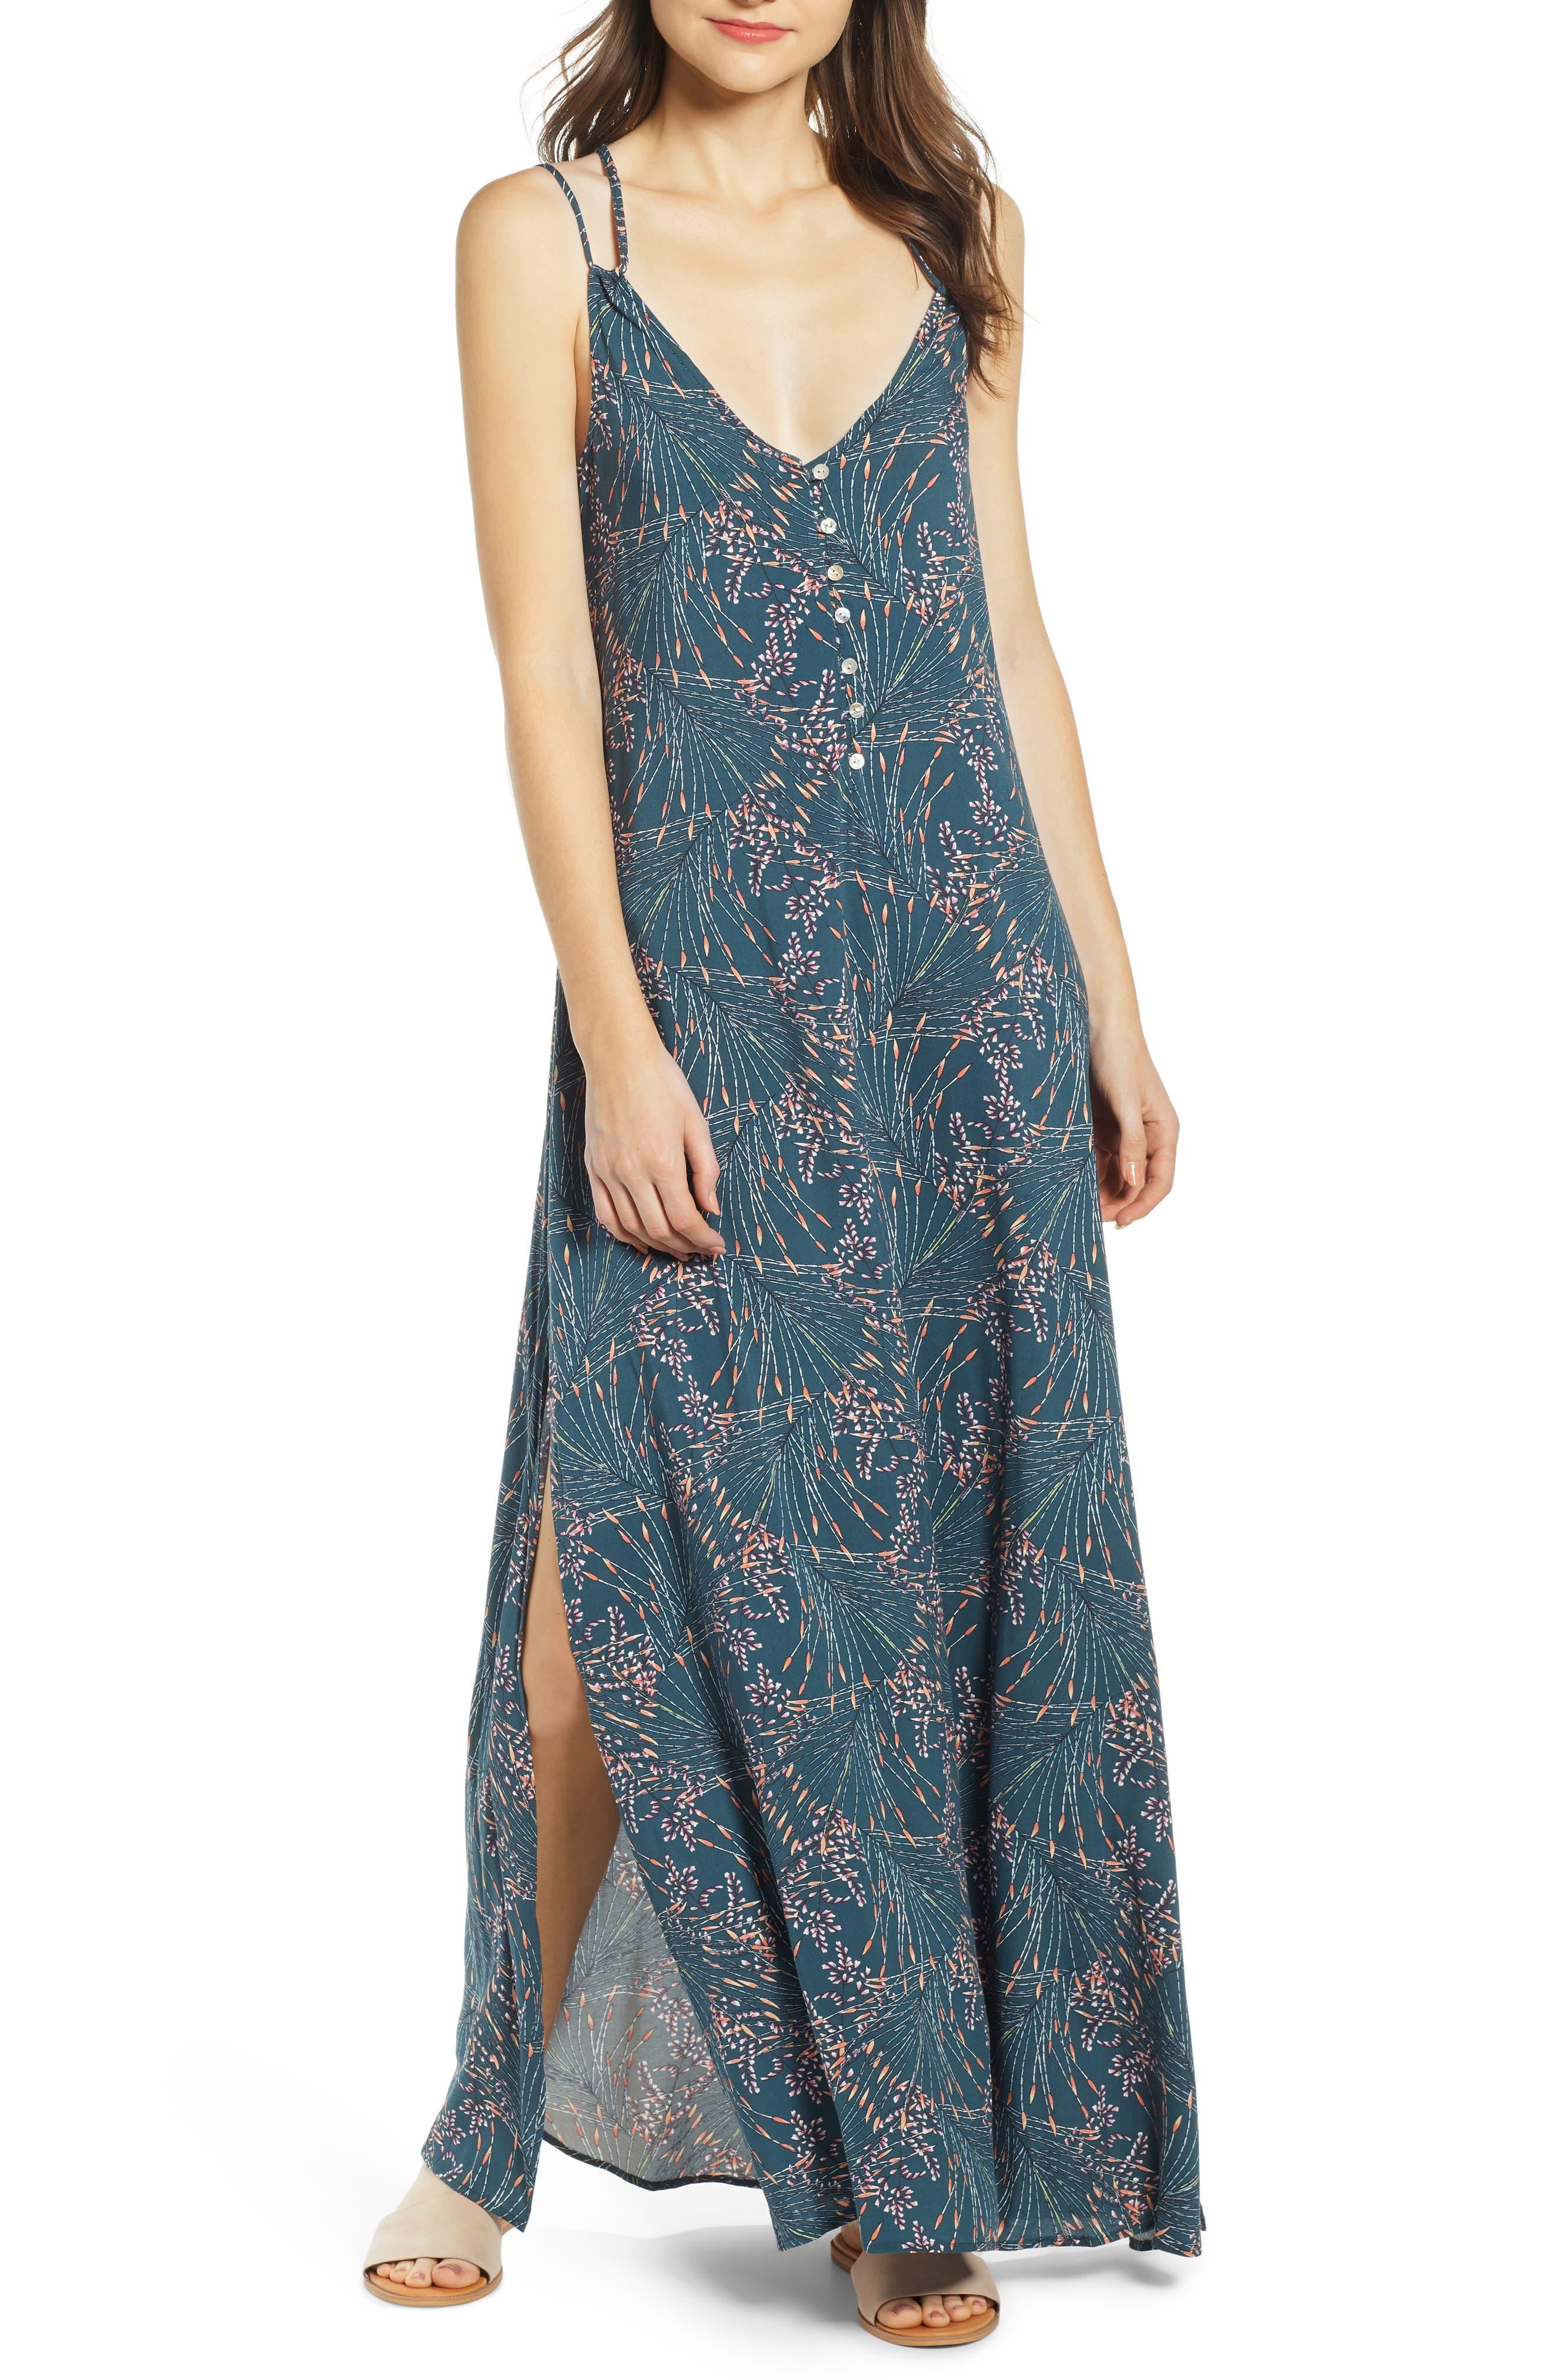 O'NEILL Breanna Maxi Dress, Main, color, STARGAZER